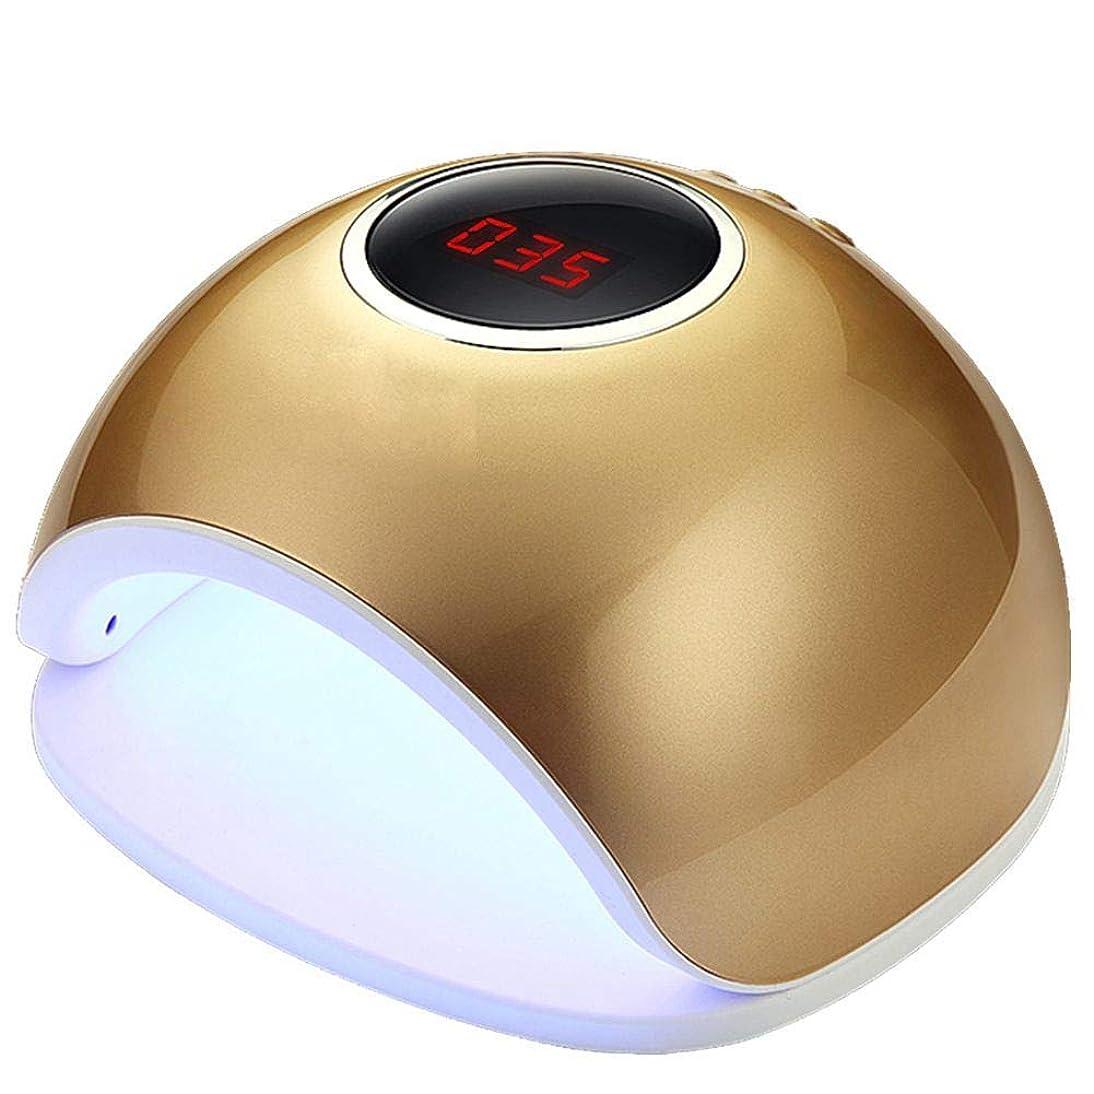 抽出系統的浮くマニキュアペディキュアスマート赤外線センシング、絵としての色のためのすべてのジェルネイルポリッシュサンライトランプを乾燥させるネイルドライヤー72Wを乾燥させるネイルドライヤーLED UVランプ